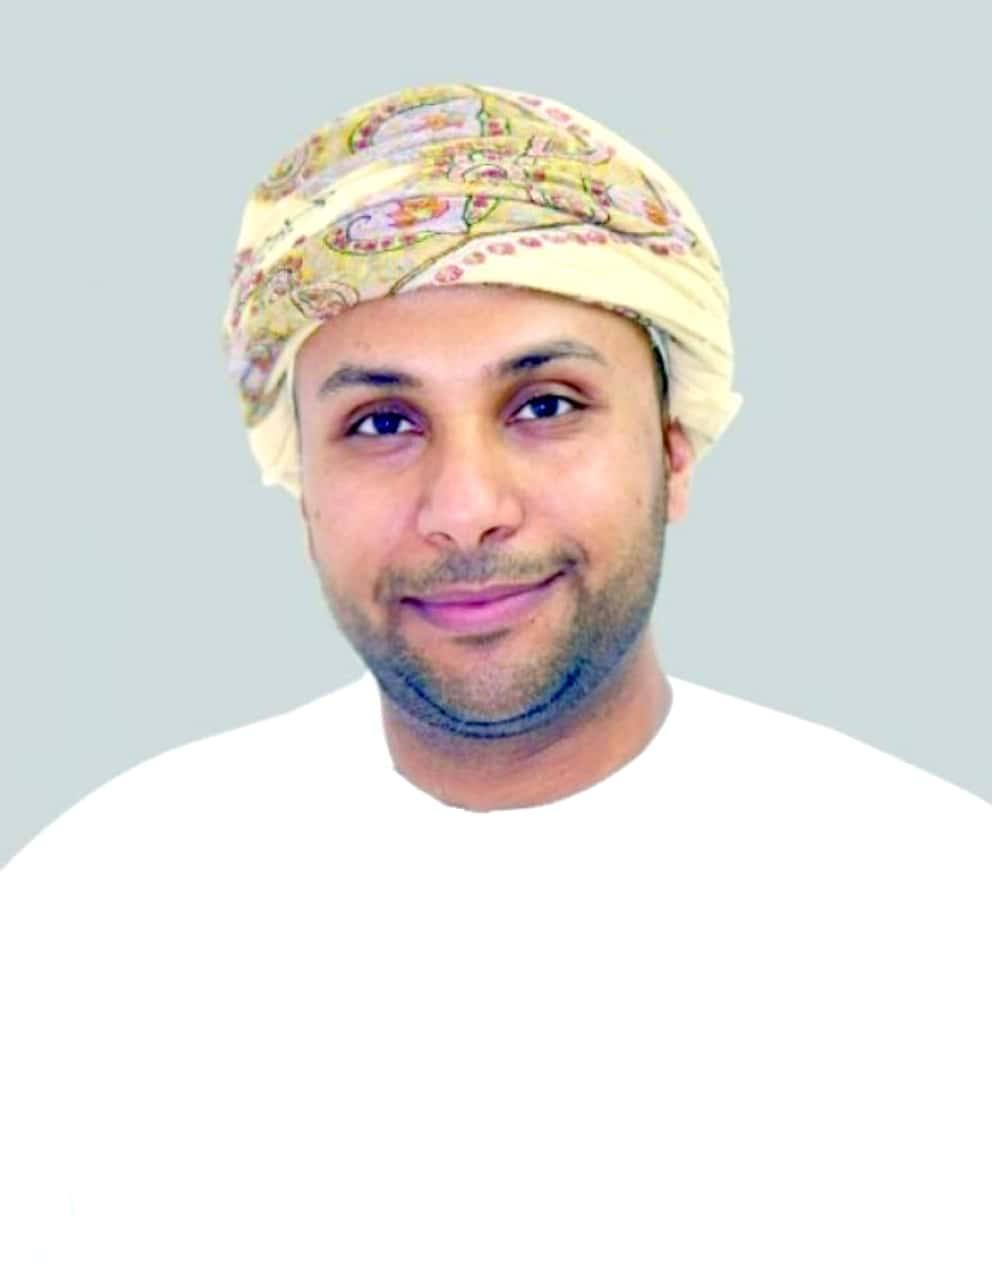 البنك الوطني العماني يُعين رئيسًا تنفيذيًا جديدَا.. تعرف عليه